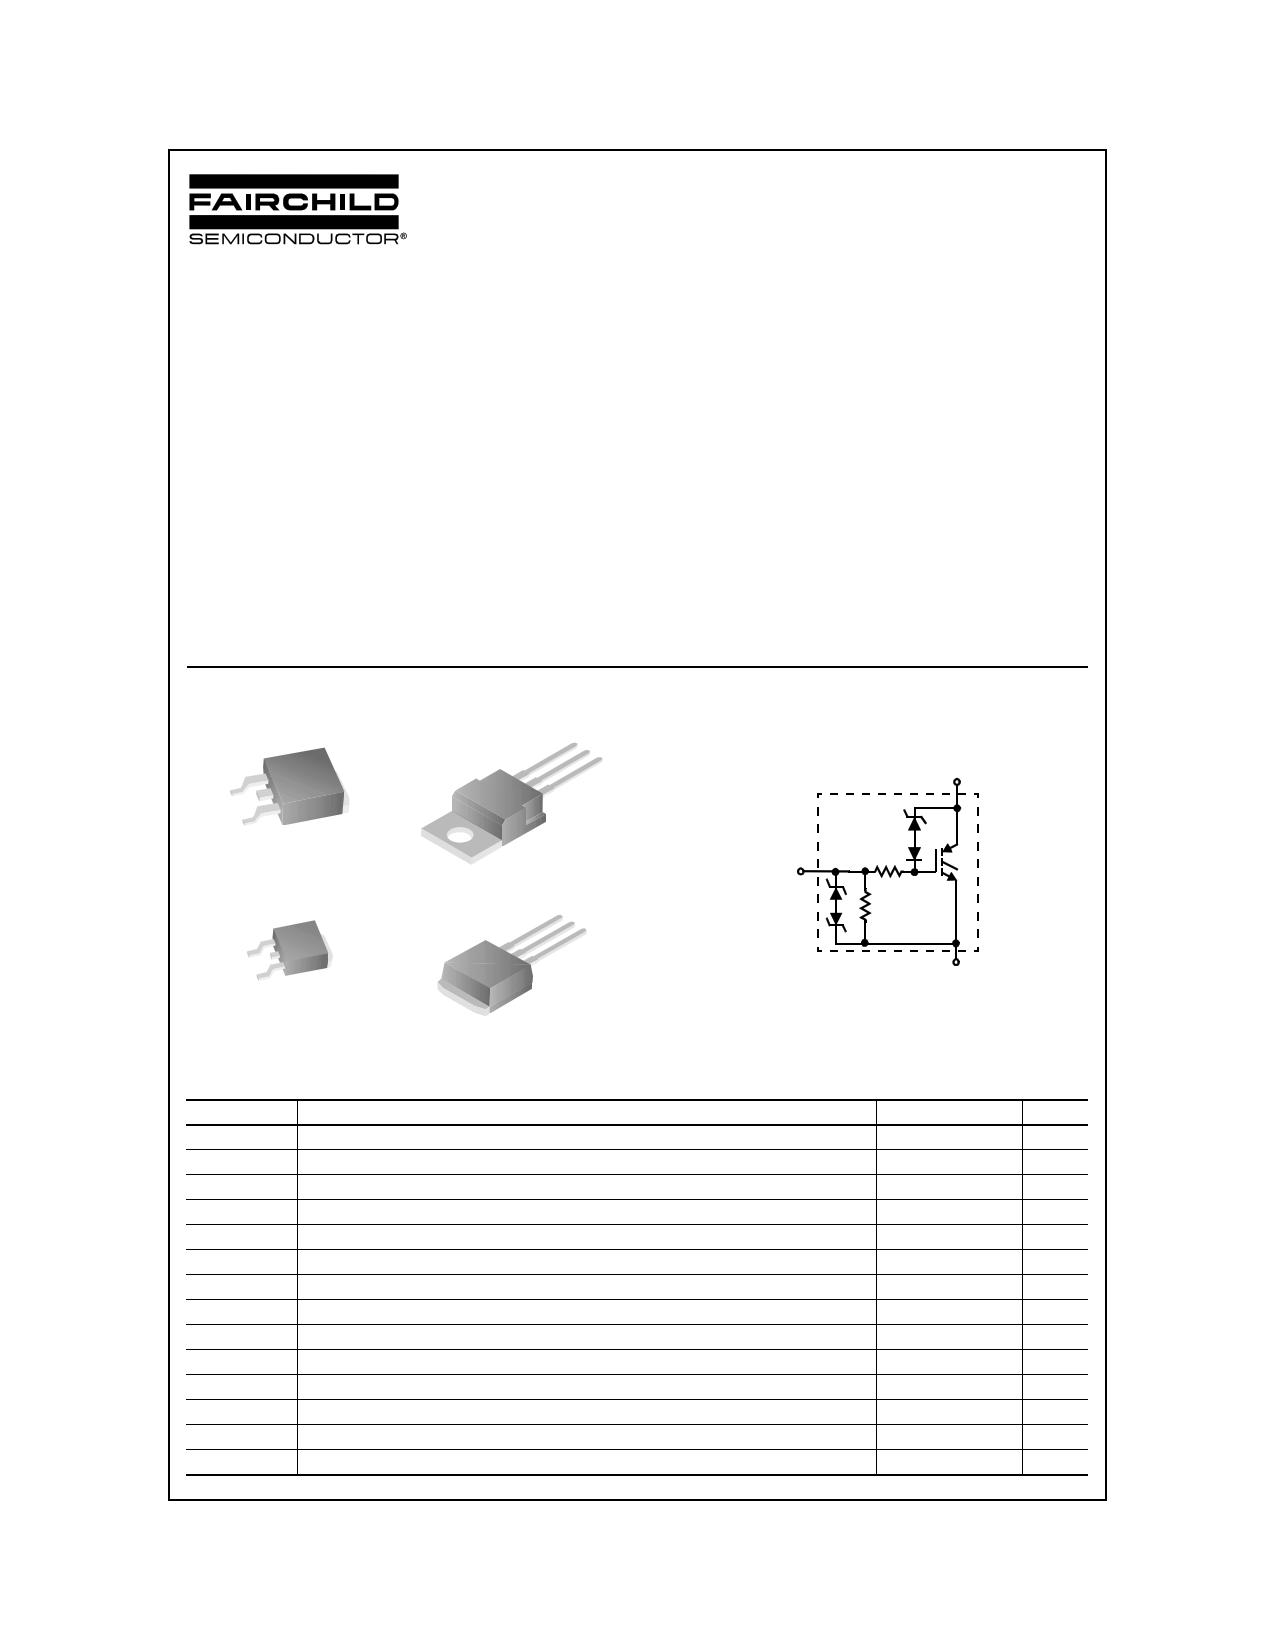 ISL9V3040S3S 데이터시트 및 ISL9V3040S3S PDF